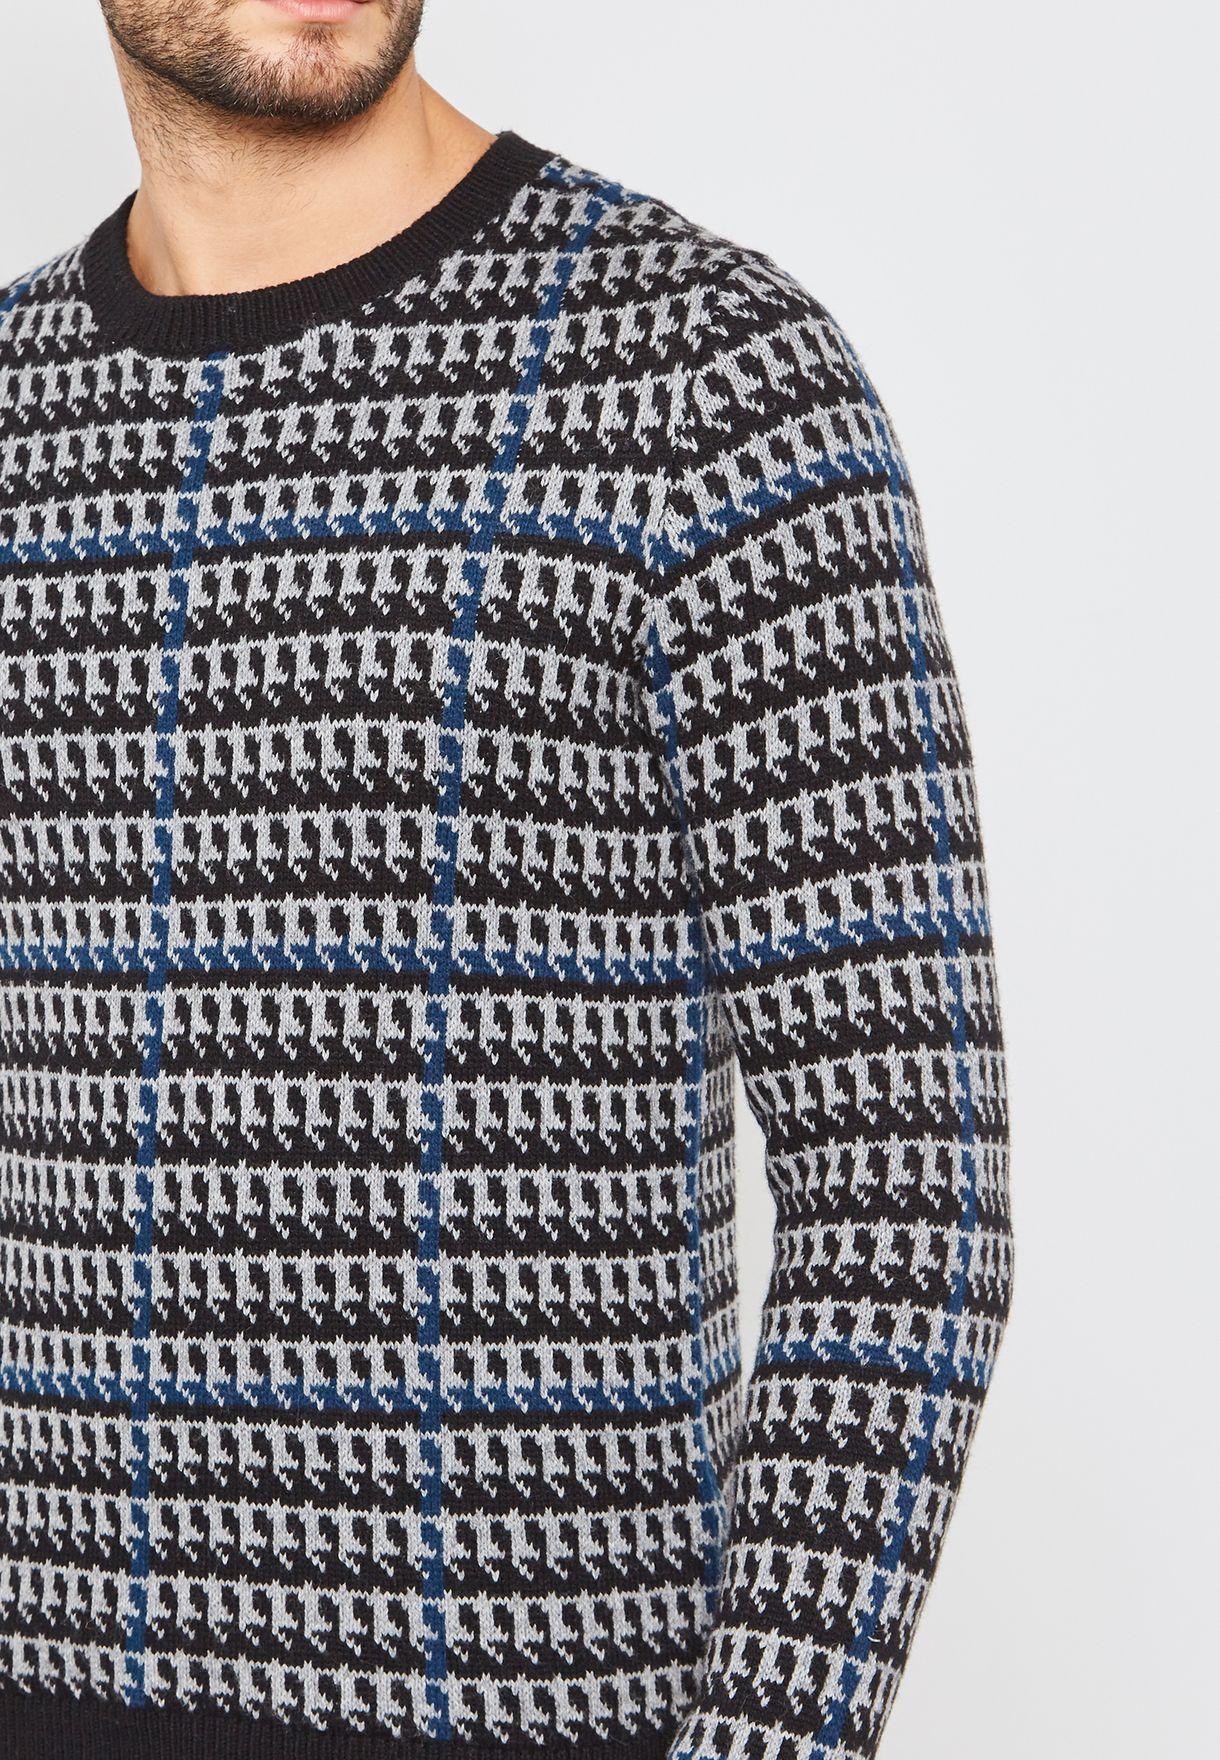 Jim Crew Neck Sweater